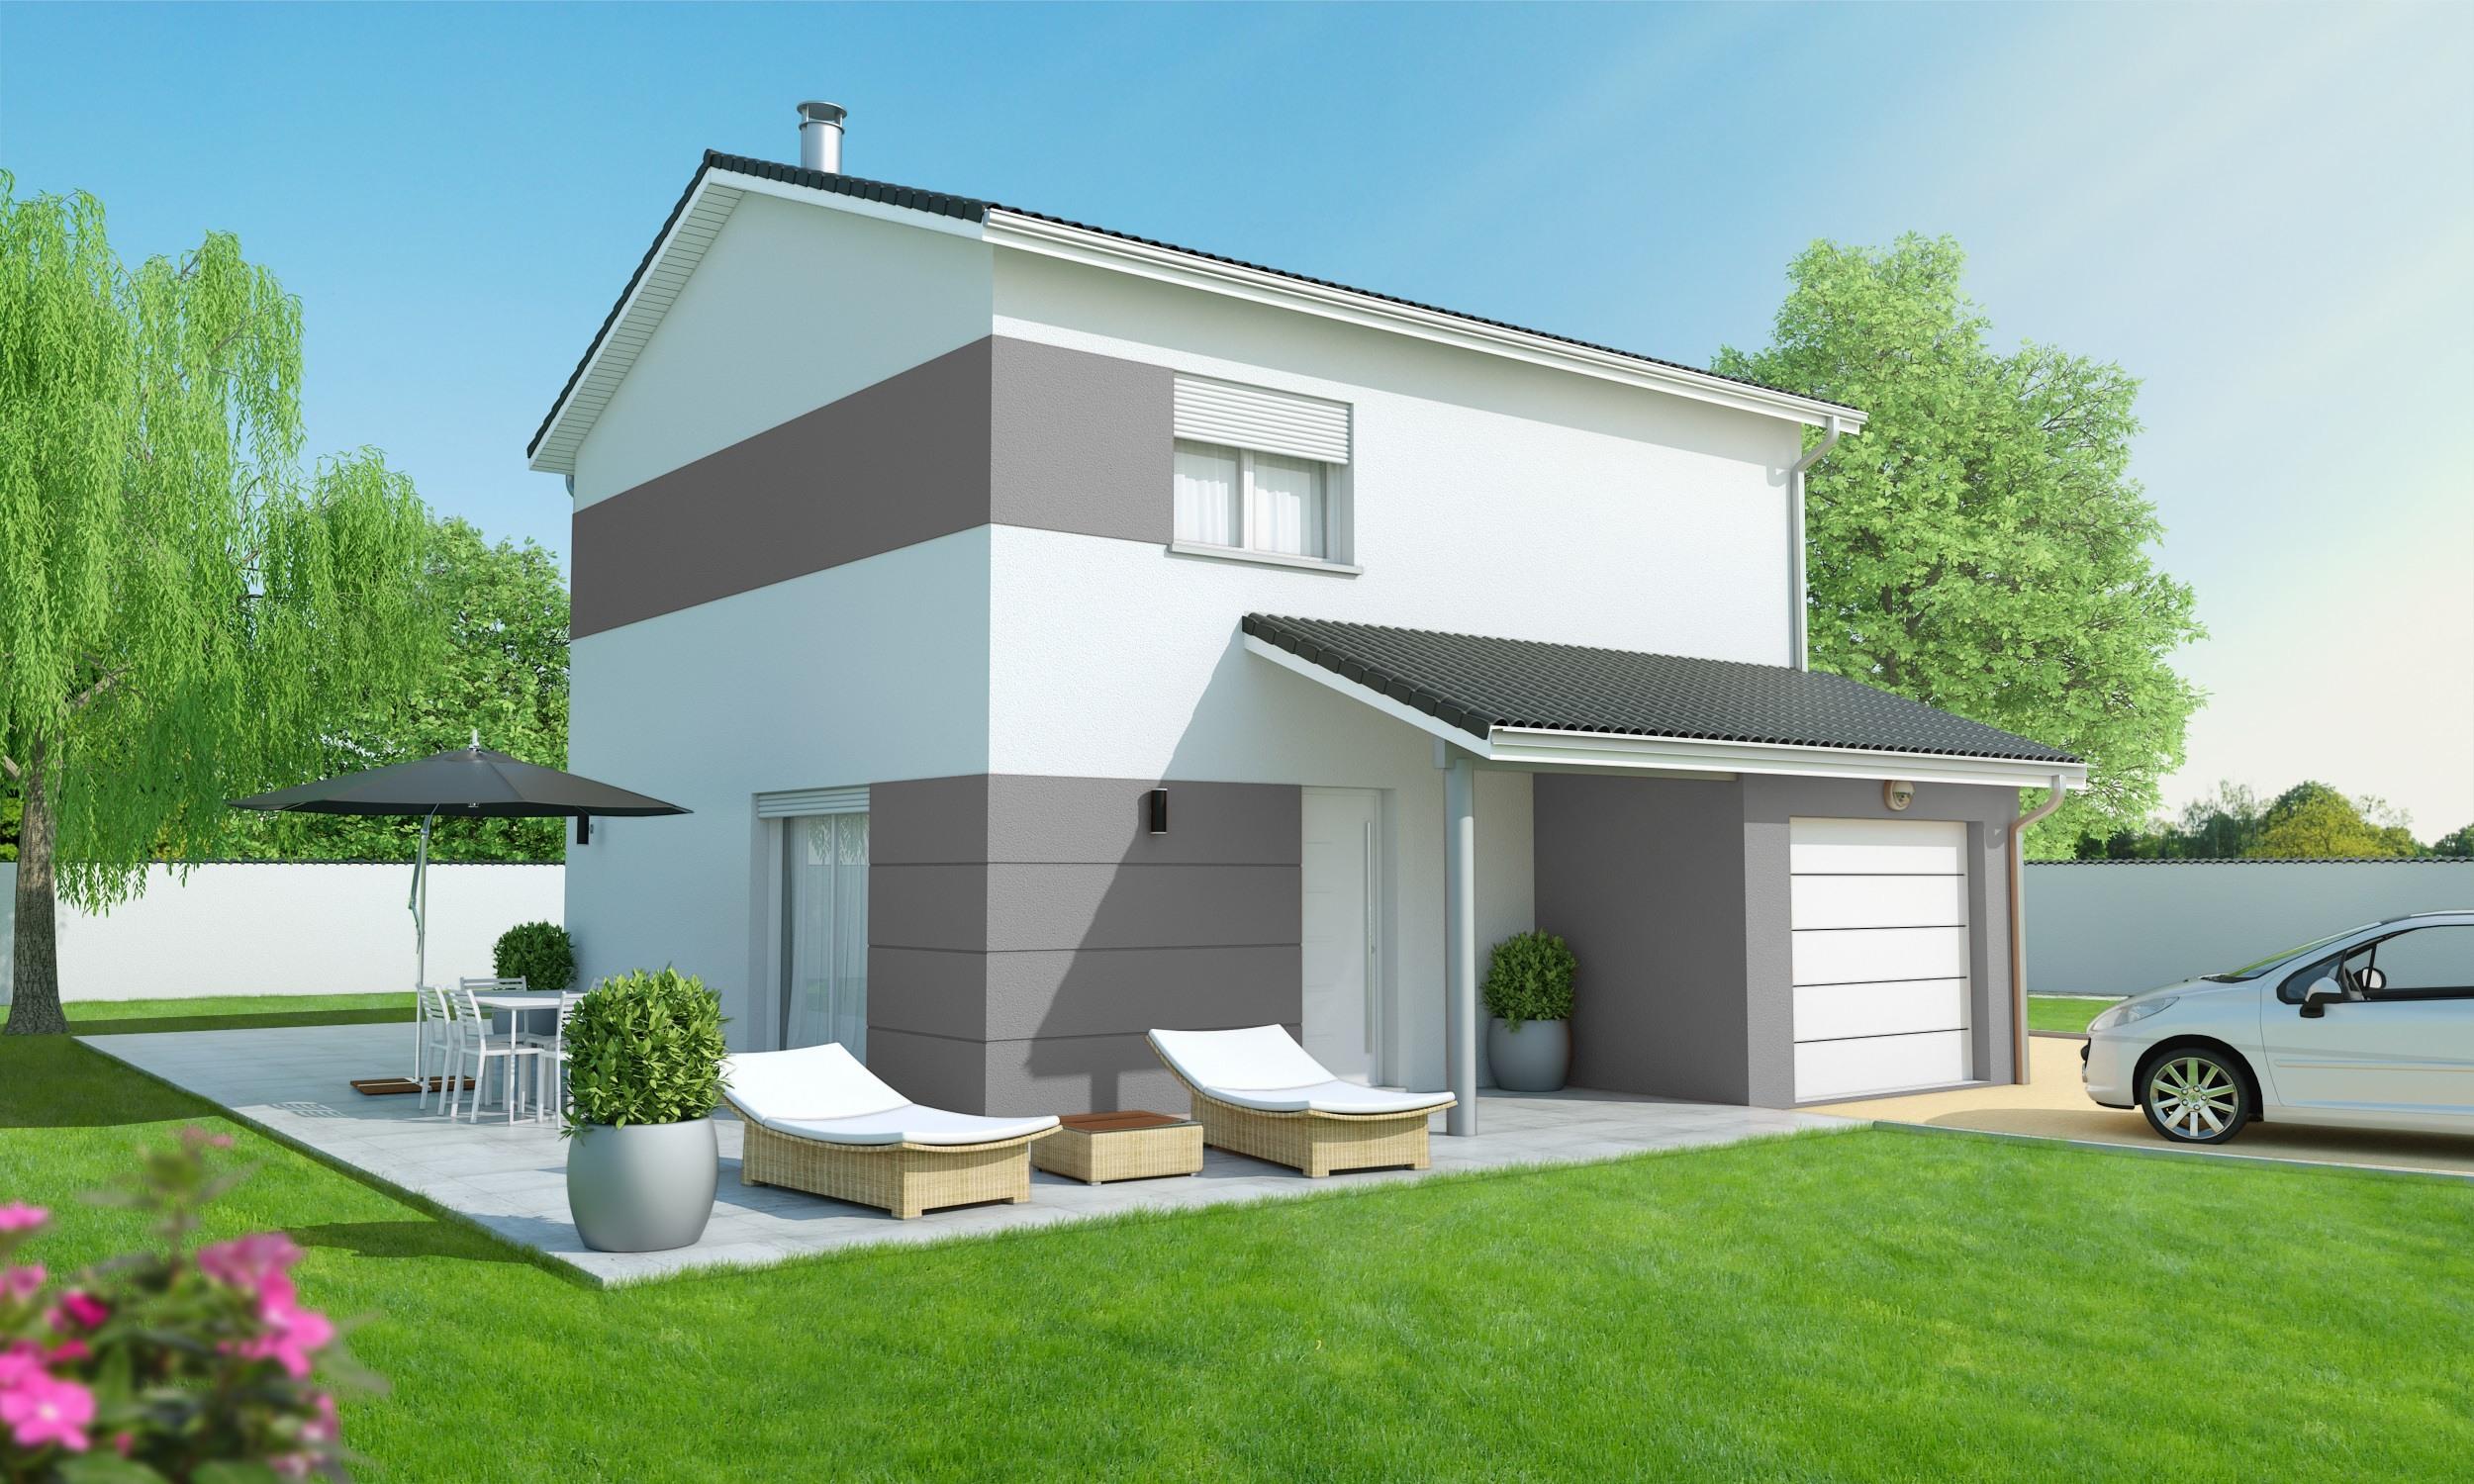 Maisons + Terrains du constructeur MAISONS AXIAL • 90 m² • TARARE